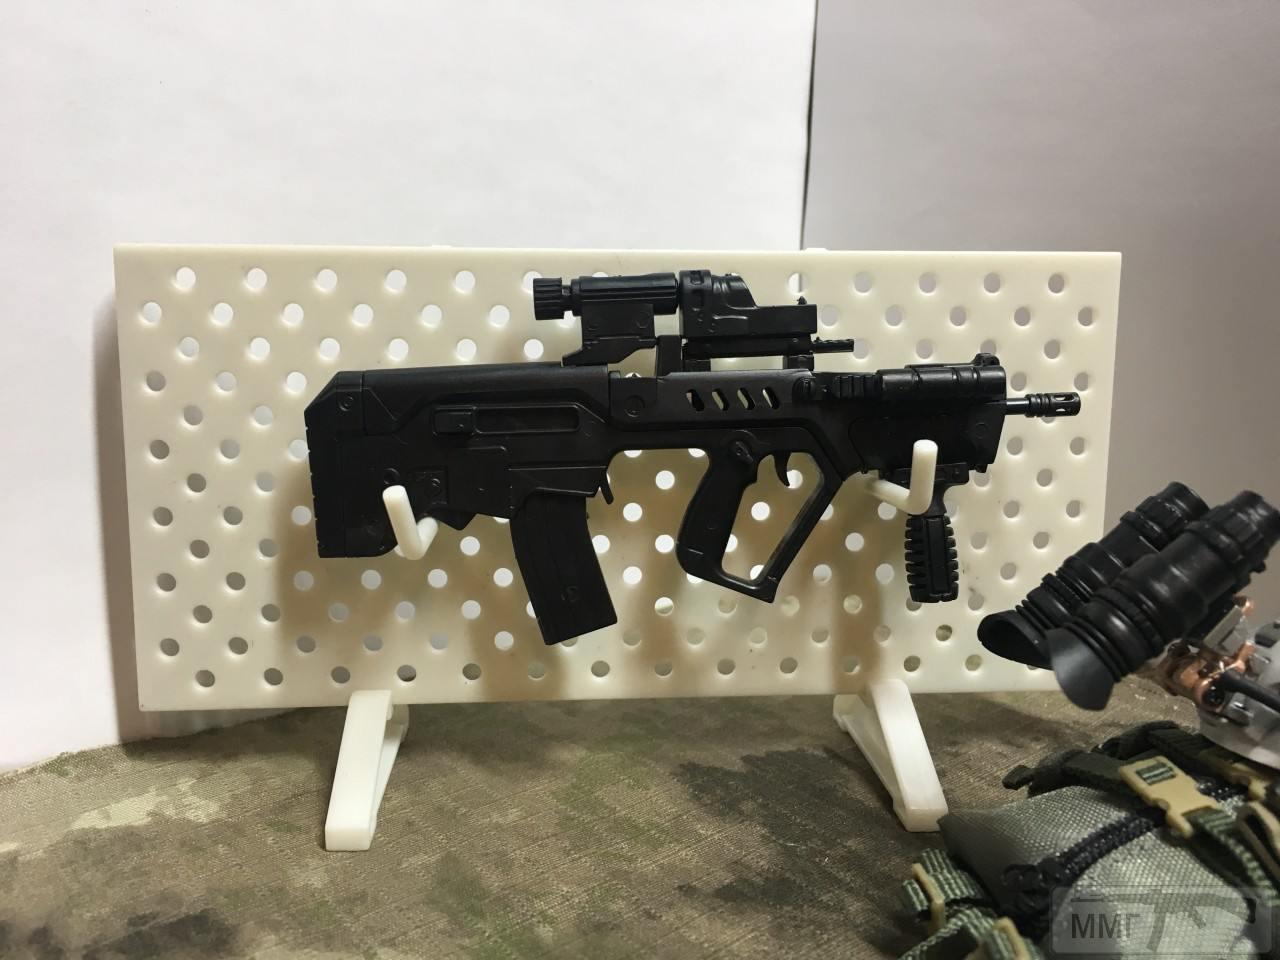 53982 - Макеты оружия/ модели 1:6